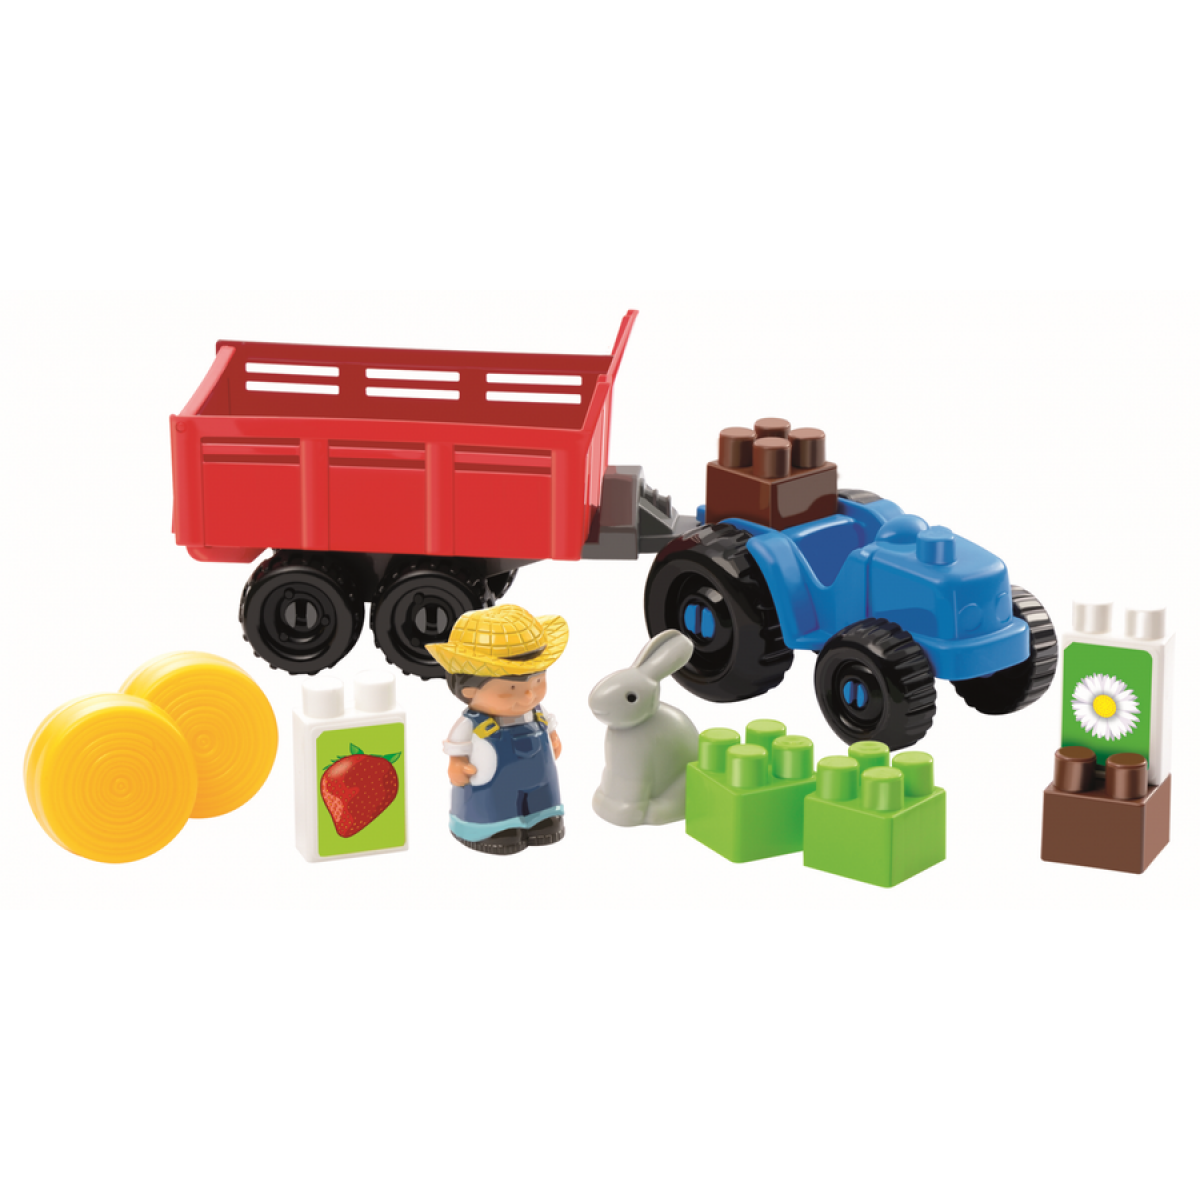 Abrick 3234 Traktor s farmářem a zajícem 22ks